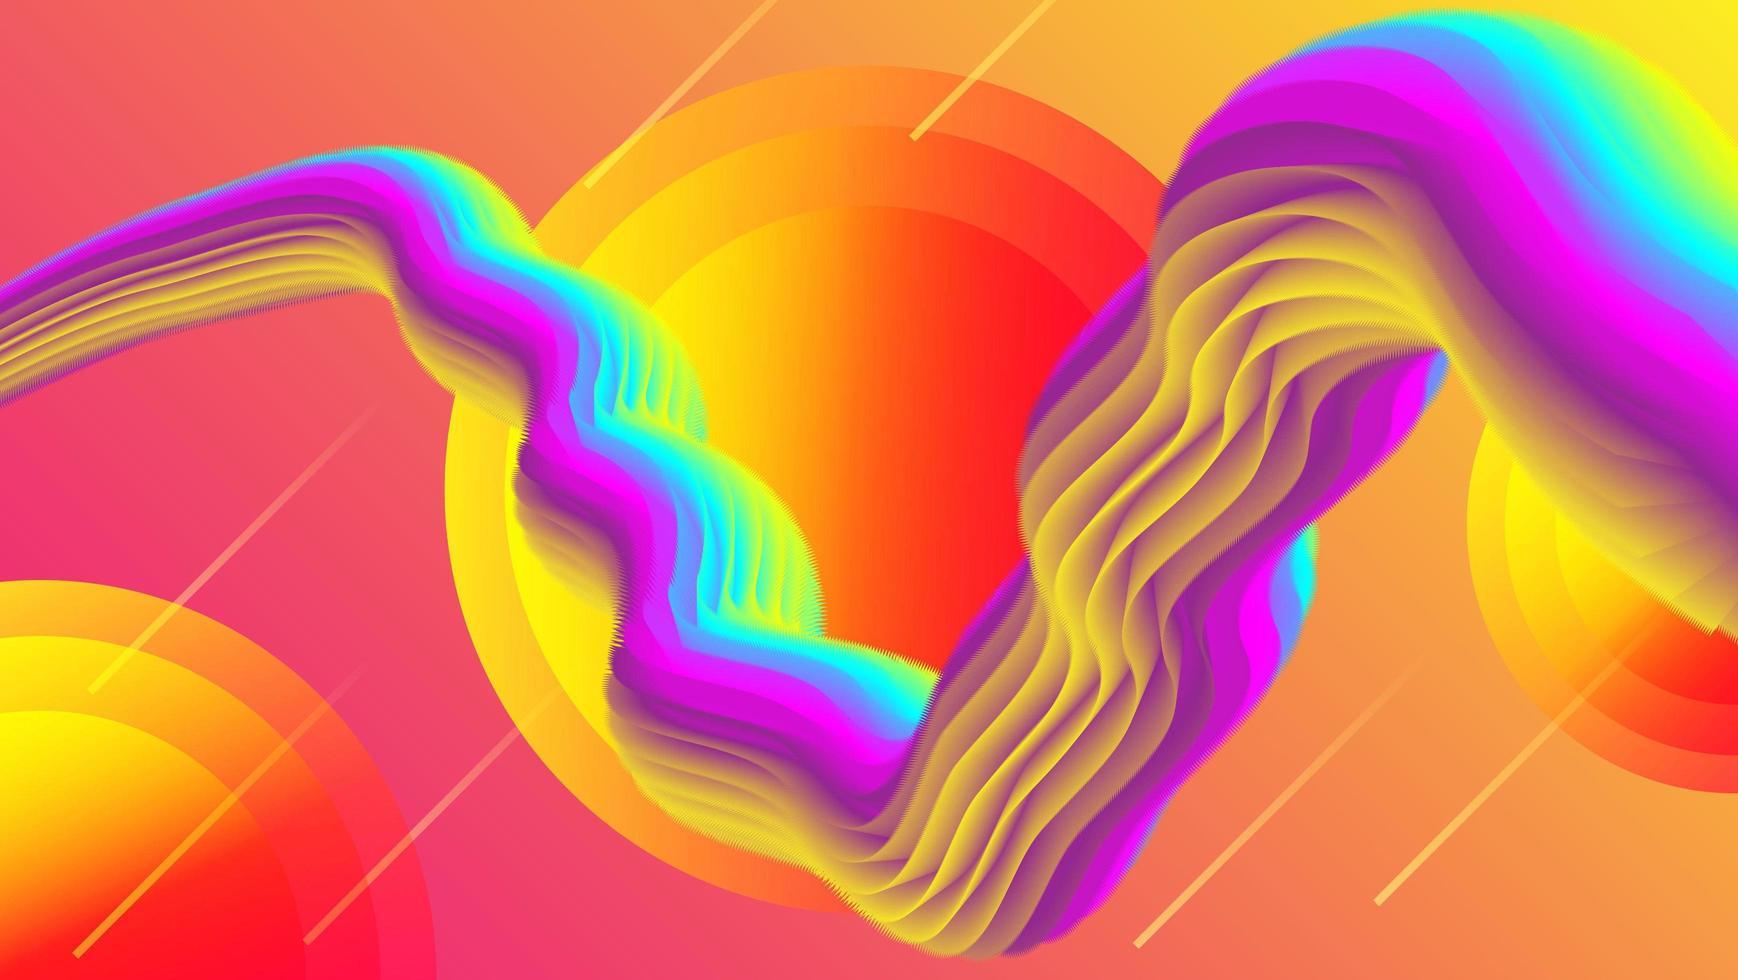 Bunter flüssiger Marmorentwurf vektor